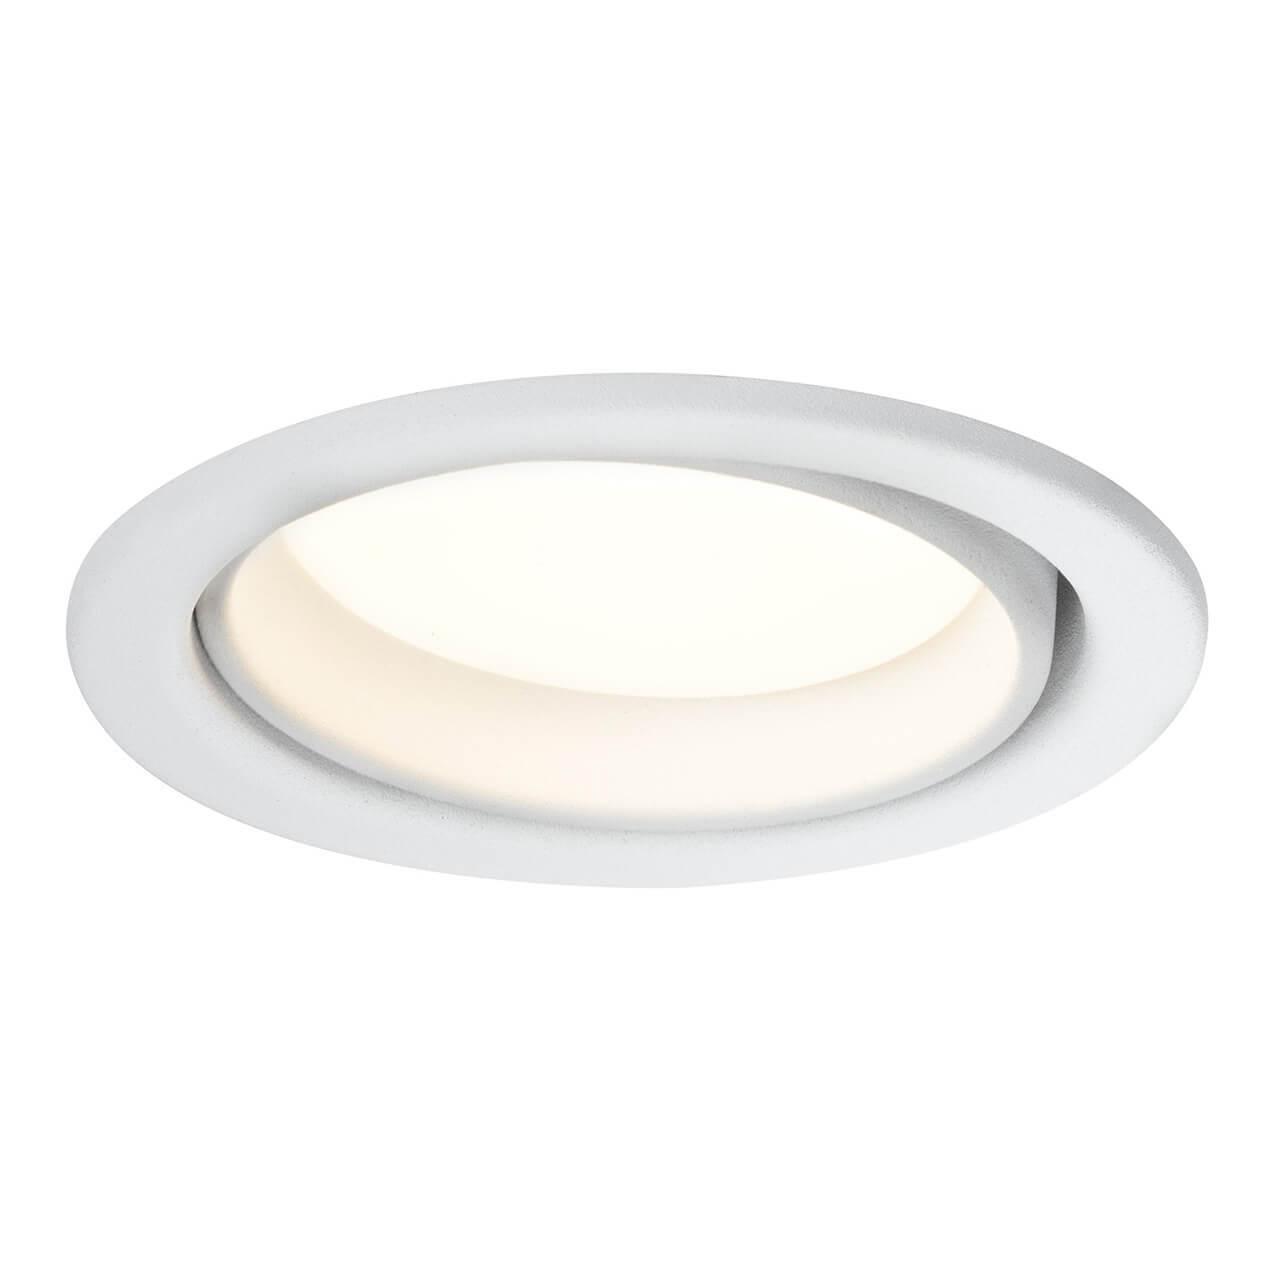 Встраиваемый светодиодный светильник Paulmann Quality Aya Led 92022 aya boutique ex fraser resort 4 паттайя